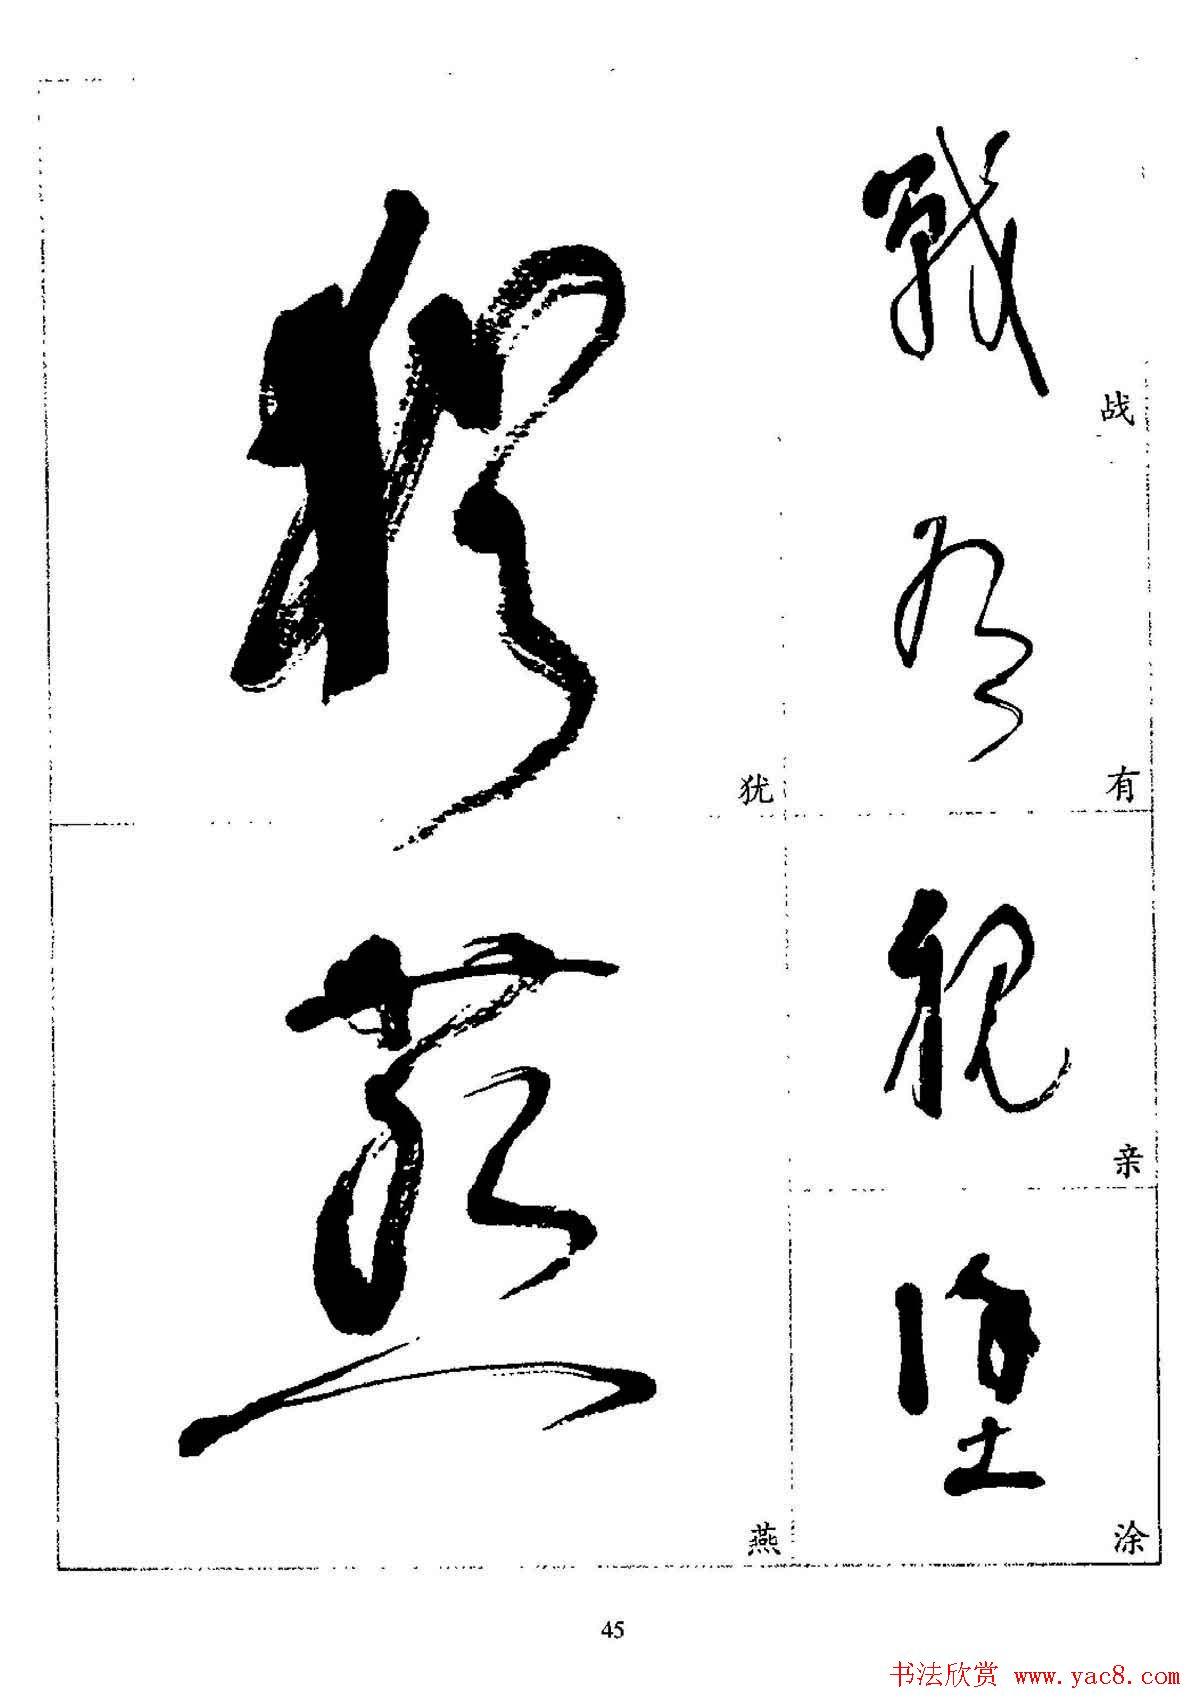 20世纪杰出书法家林散之草书字帖欣赏(46)图片